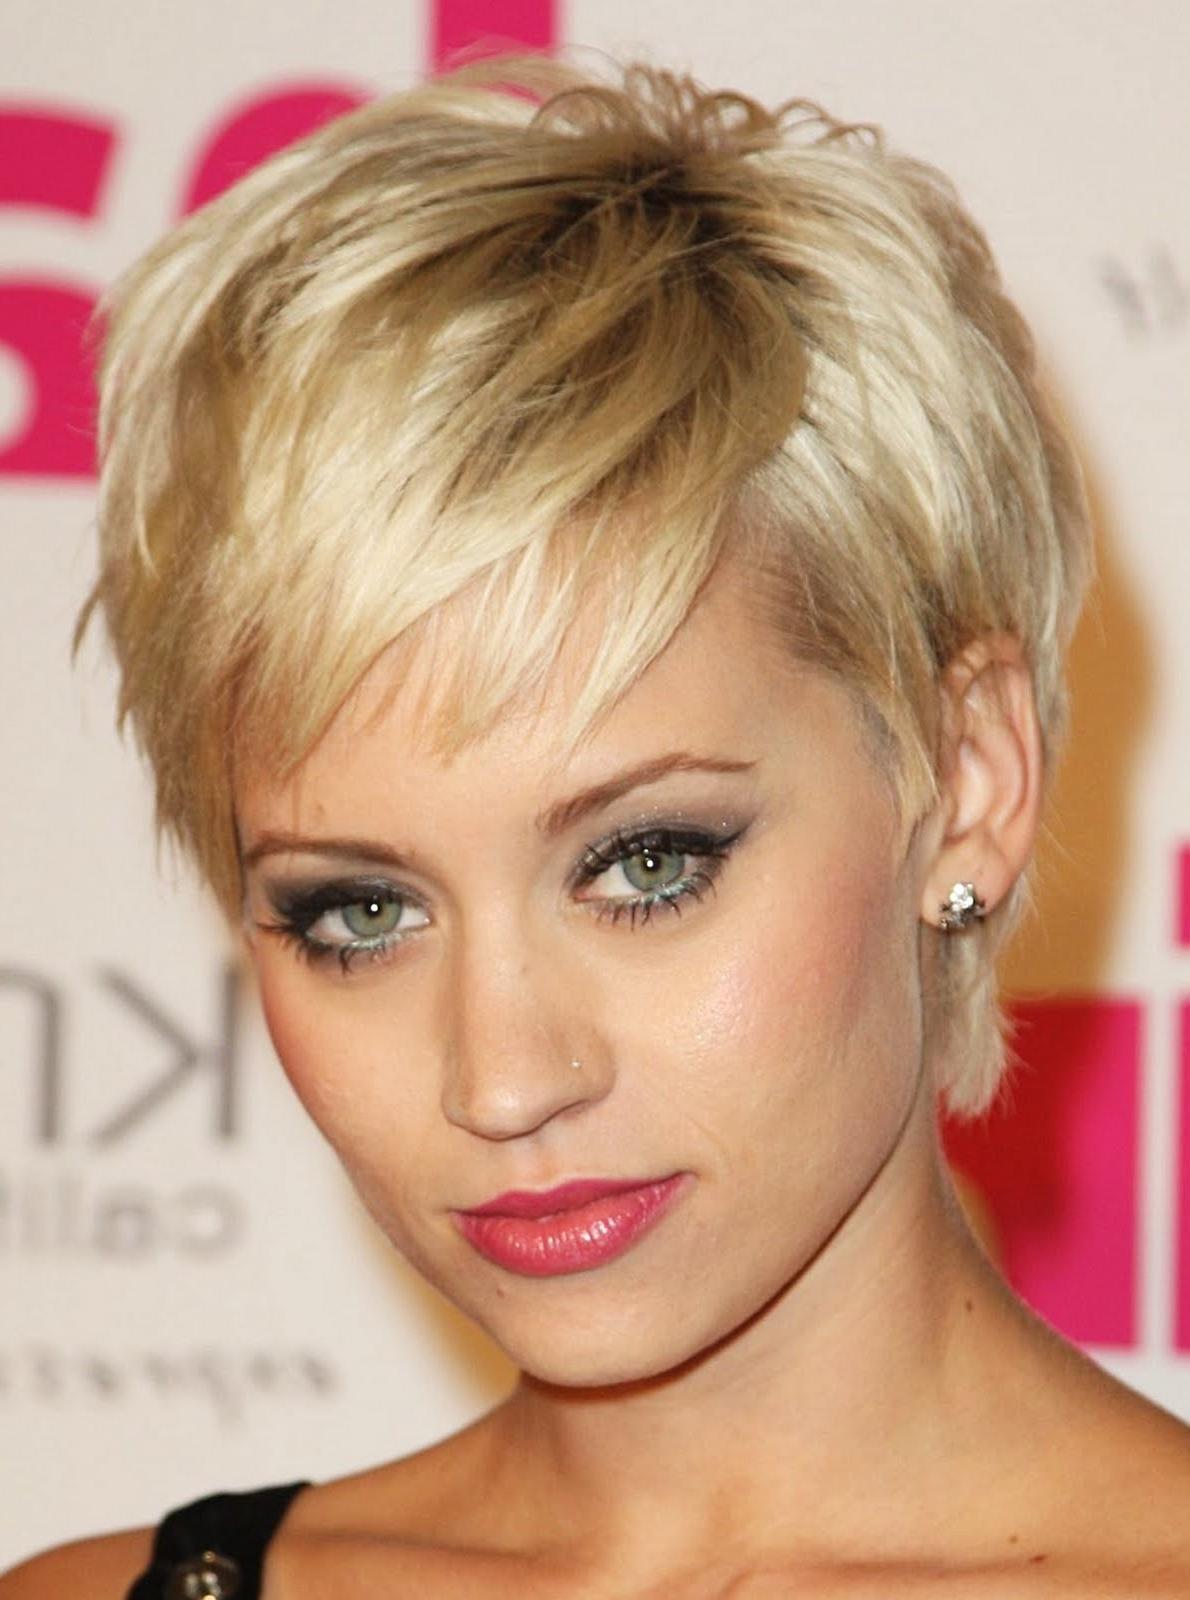 Beautiful Short Haircuts For Women With Long Face – Razanflight Regarding Long Face Short Haircuts (View 4 of 25)